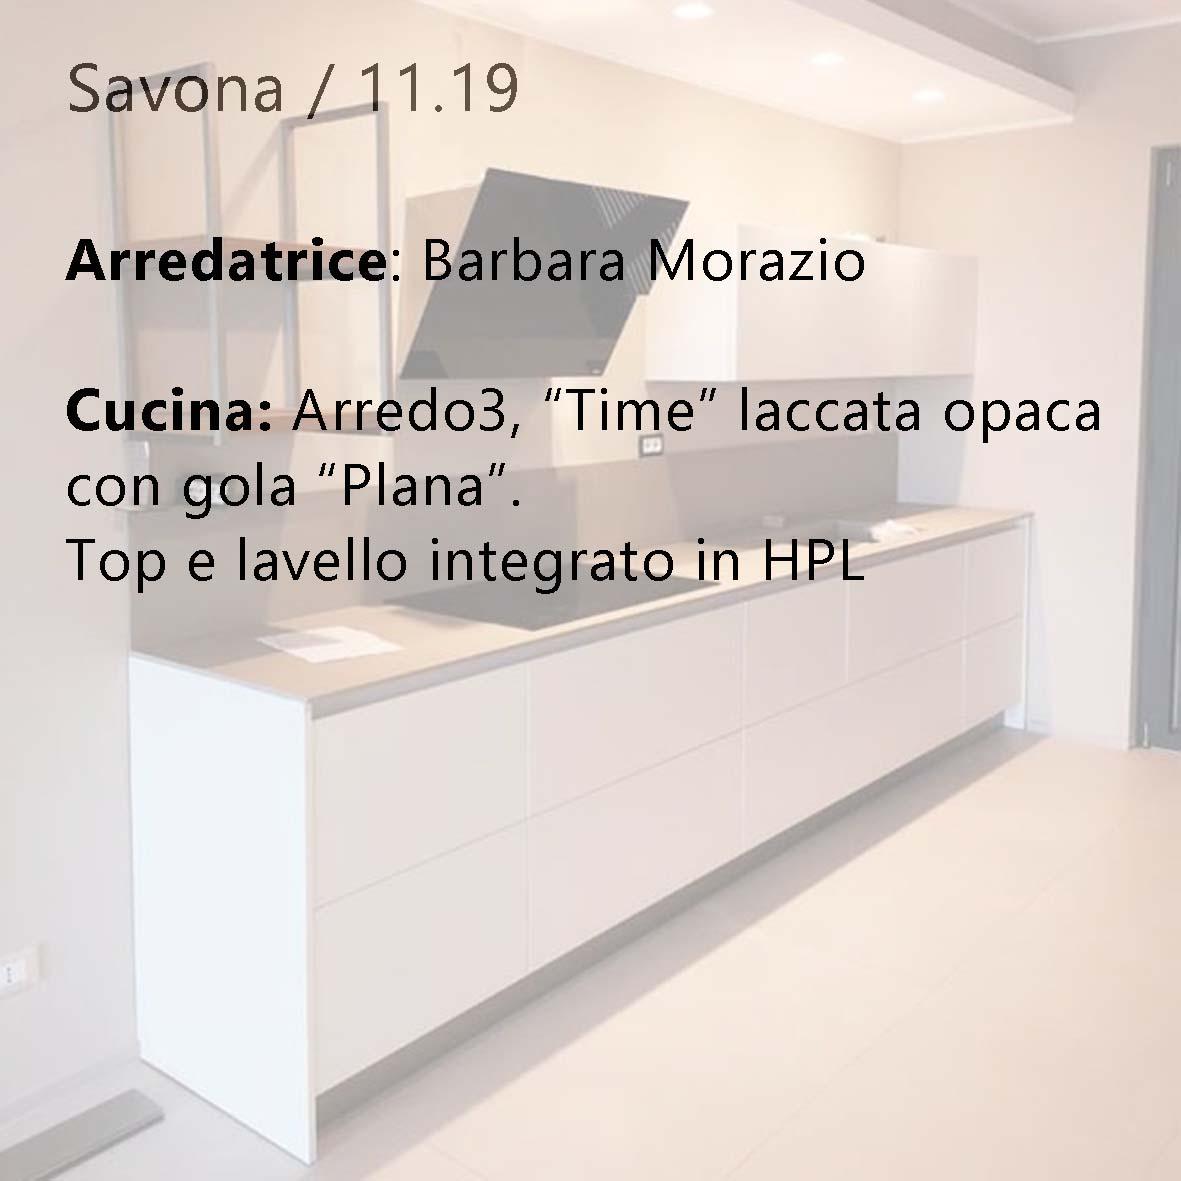 realizzazione-centro dell'arredamento-savona-cucina-design-arredo3-time-laccata-bianca-gola